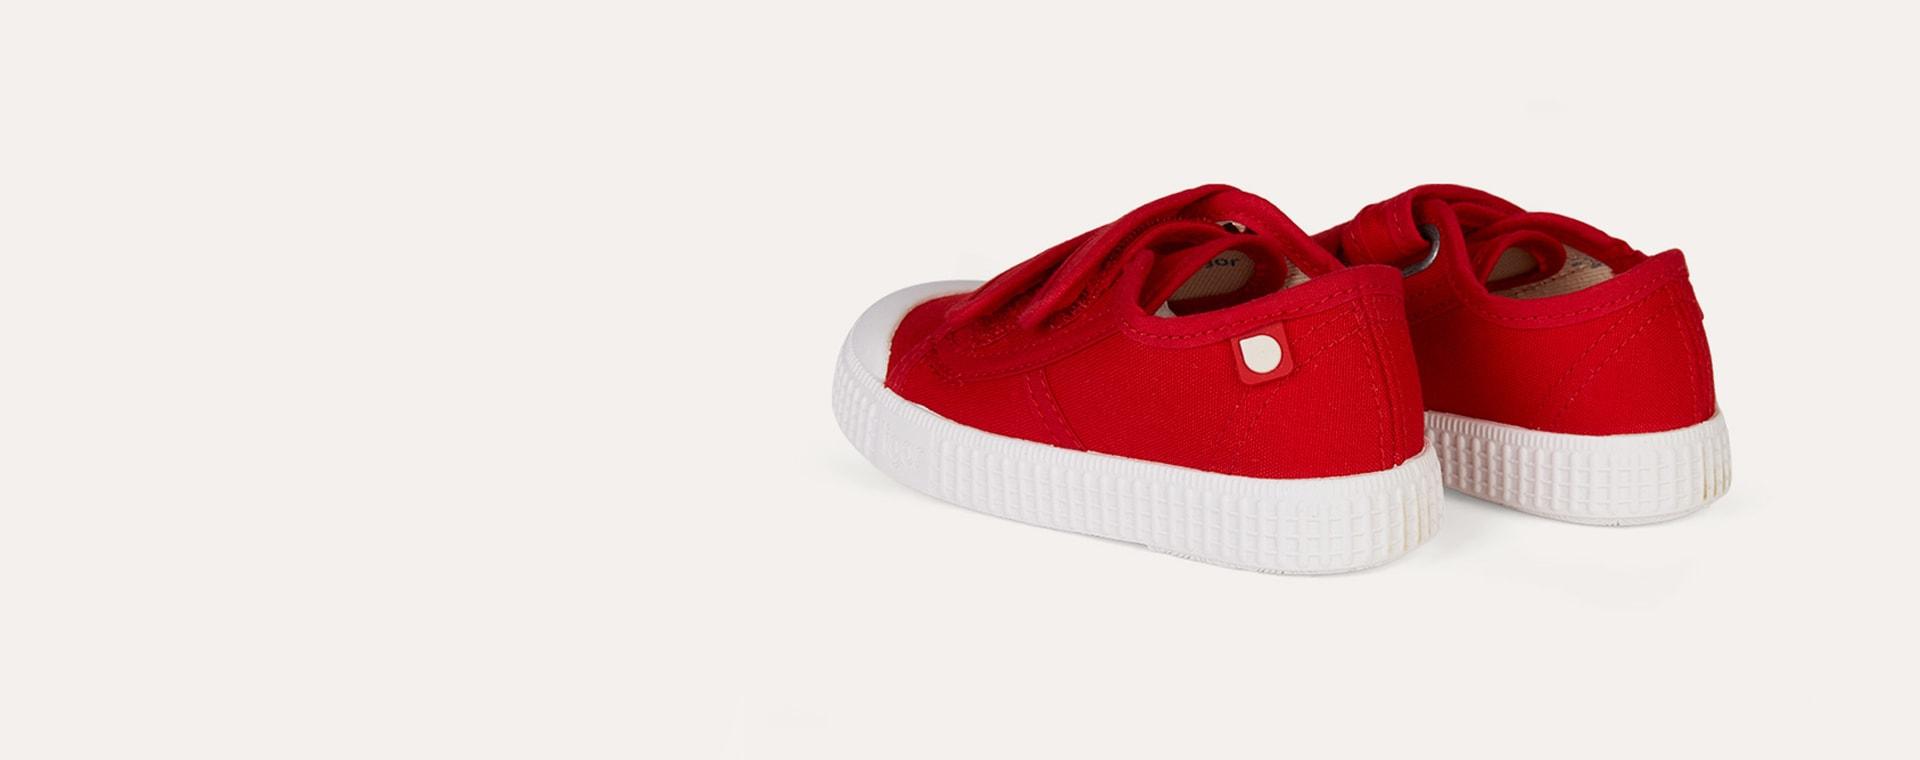 Rojo igor Berri Velcro Tennis Shoe